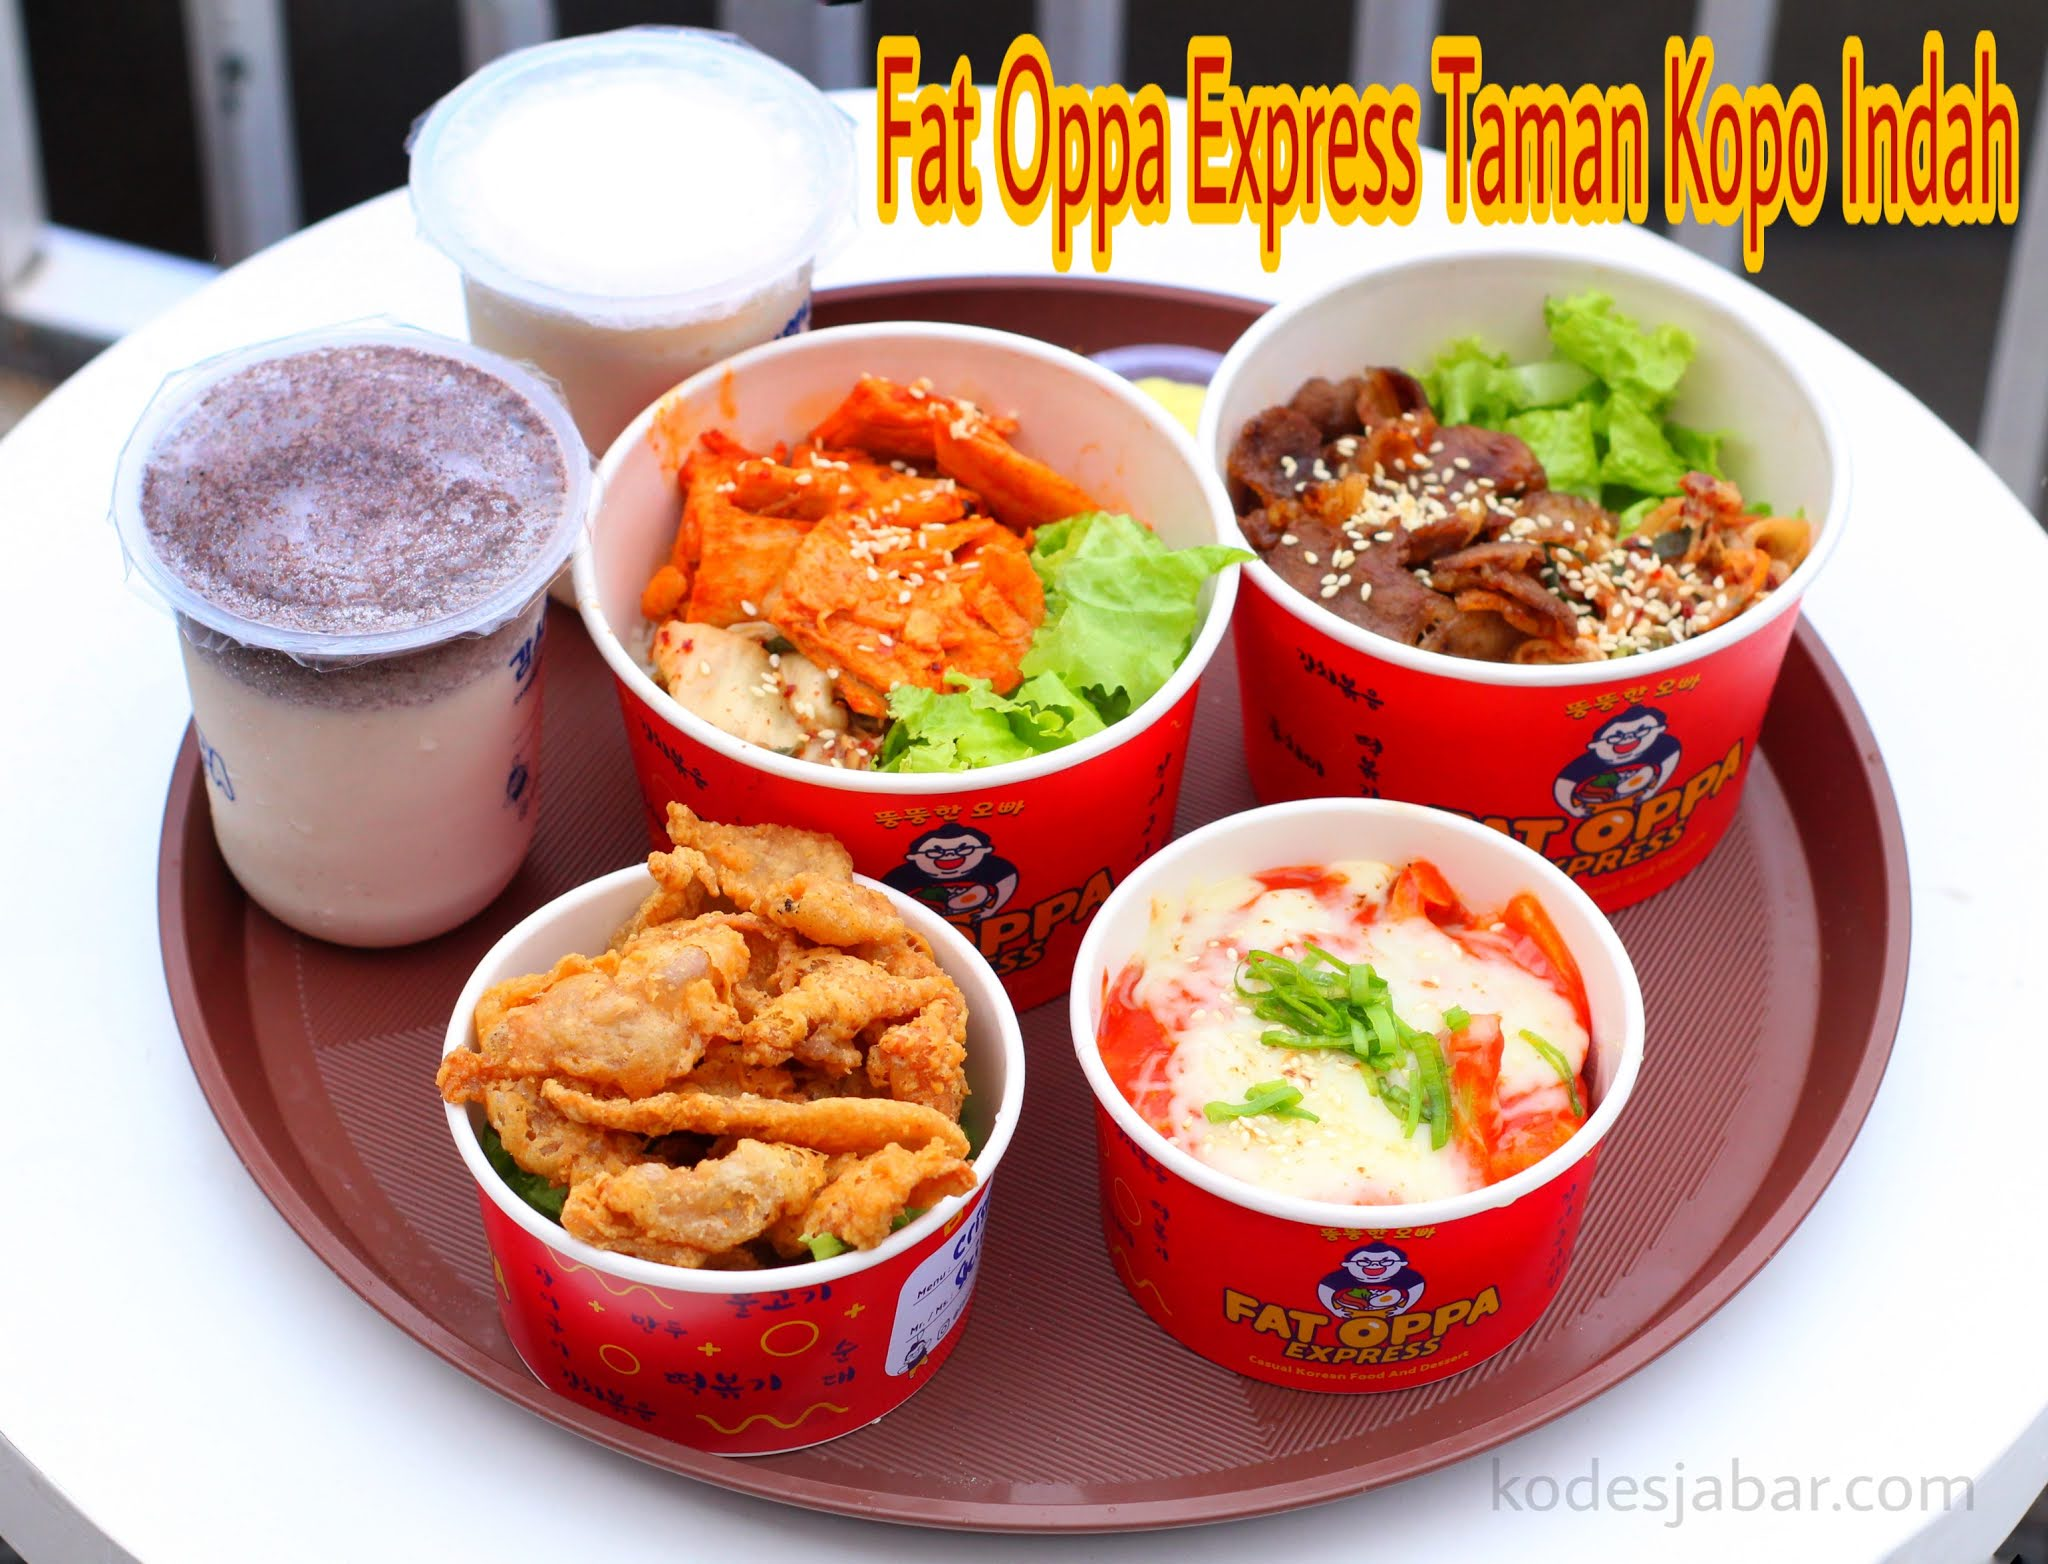 Fat Oppa Express Taman Kopo Indah